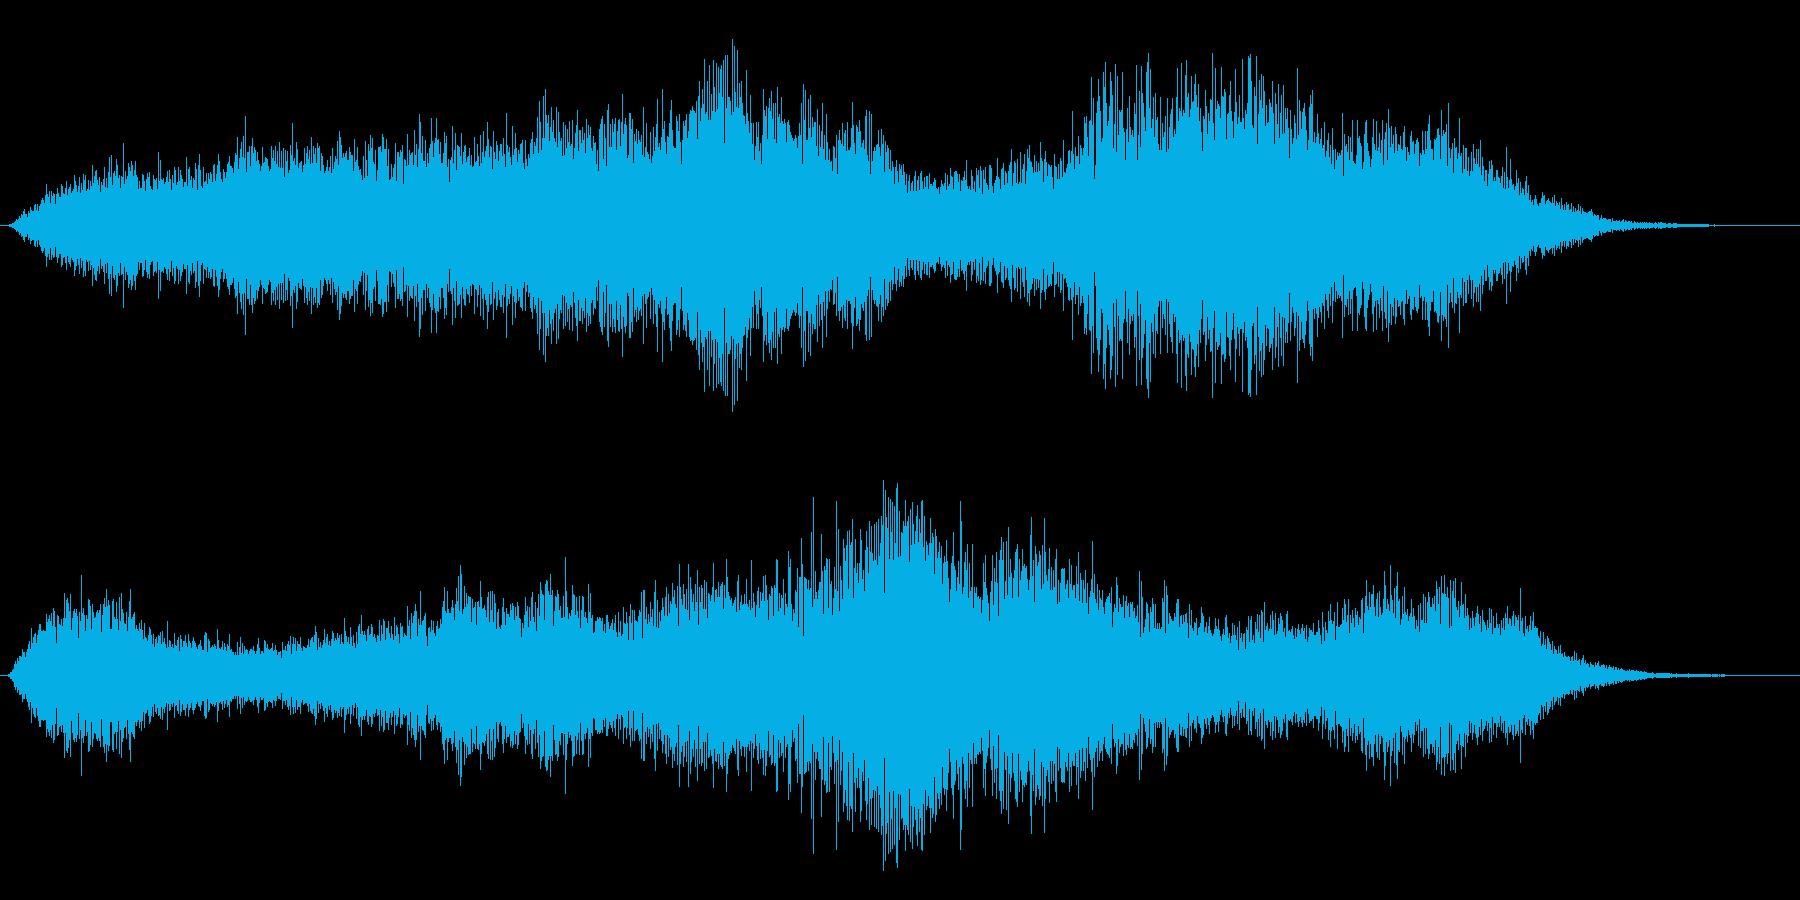 タイトル音の再生済みの波形